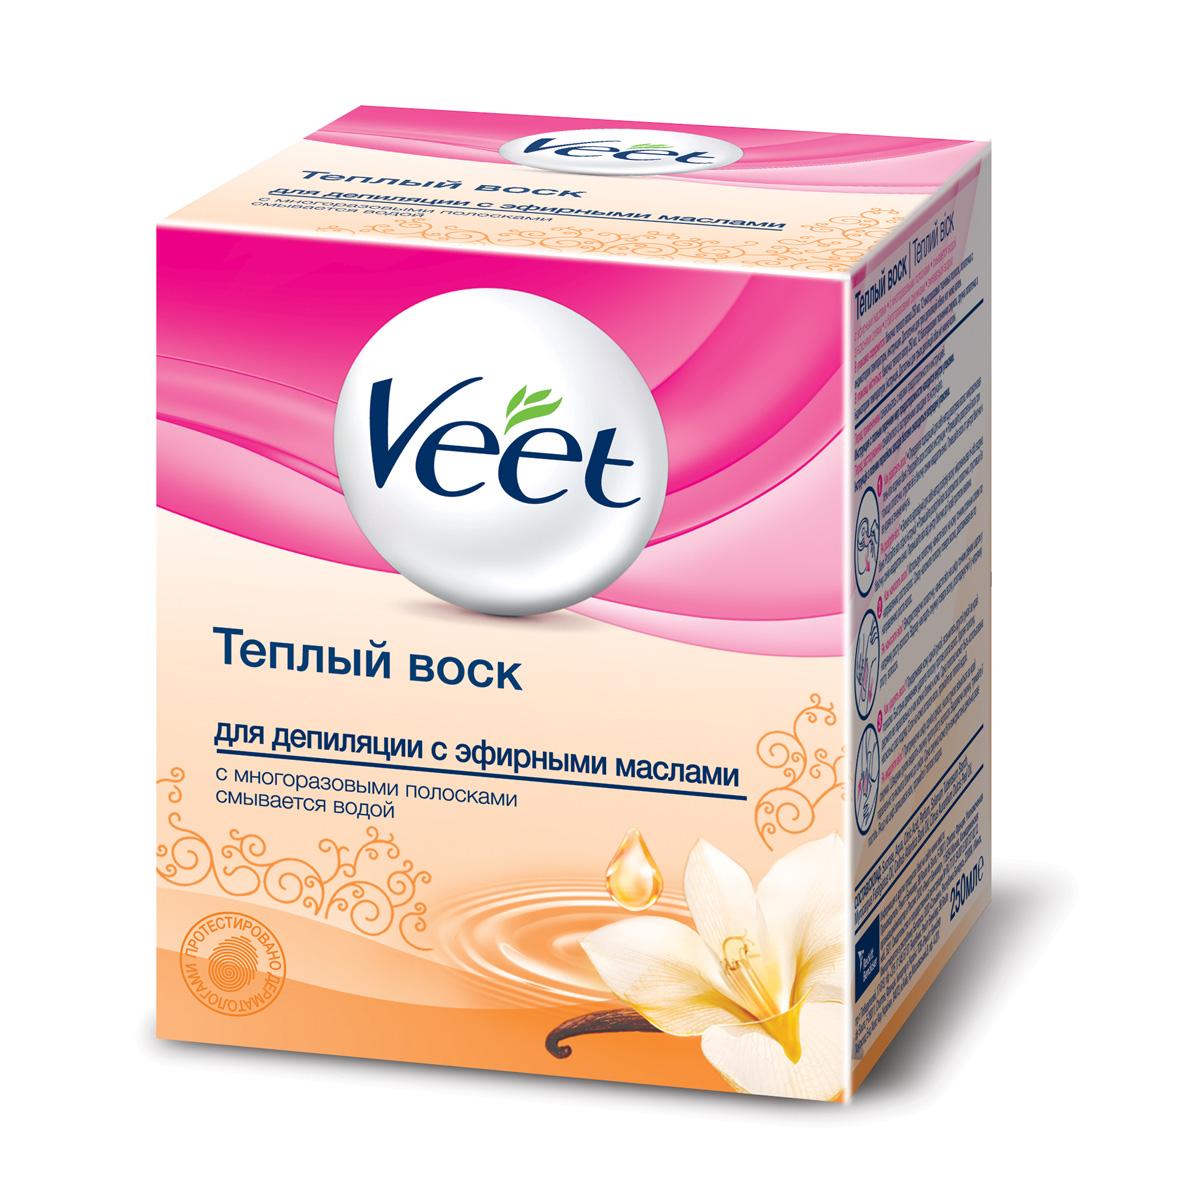 Veet Теплый воск для эпиляции, с эфирными маслами, 250 млперфорационные unisexТеплый воск Veet для эпиляции содержит эфирные масла. Благодаря формуле, основанной на натуральных ингредиентах, воск удаляет волосы с первого раза и оставляет вашу кожу увлажненной. Ваша кожа нежная и гладкая до 4 недель. Способ применения: Нагрейте воск в течение 40 секунд в микроволновой печи или 10 минут в кипящей воде. Температурный индикатор, на конце лопаточки, сообщит, если воск слишком горячий. Наносите воск при помощи удобной лопаточки подходящей для различных участков тела. Остатки воска смойте водой. В набор входят:баночка с воском, 12 многоразовых тканевых полосок, лопаточка, инструкция по применению.Объем воска: 250 мл.Товар сертифицирован.